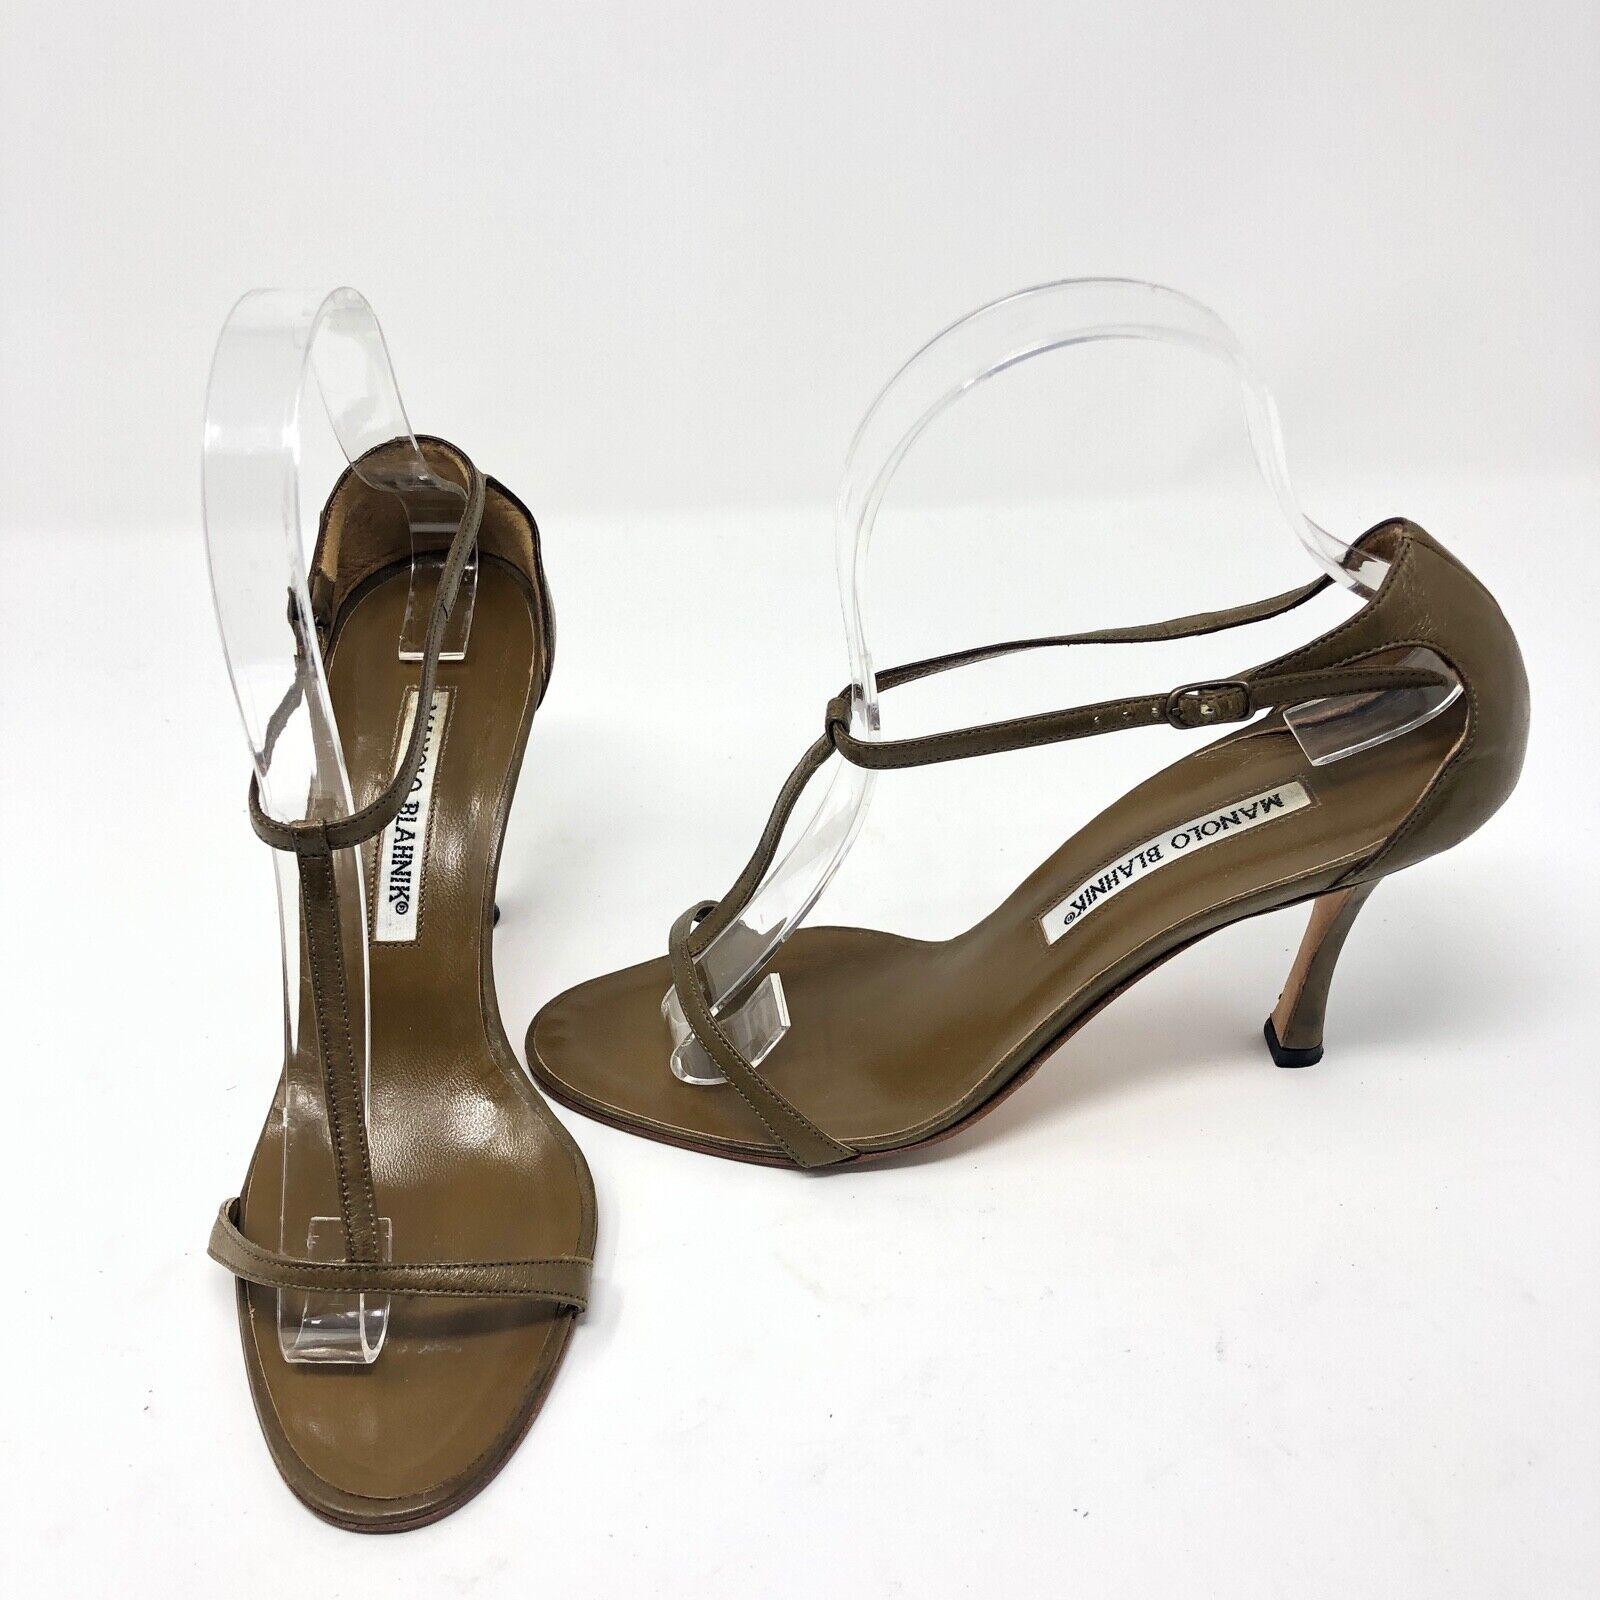 Manolo Blahnik verde Khaki Leather Open Toe Ankle T Strap Pumps Heels scarpe 6.5